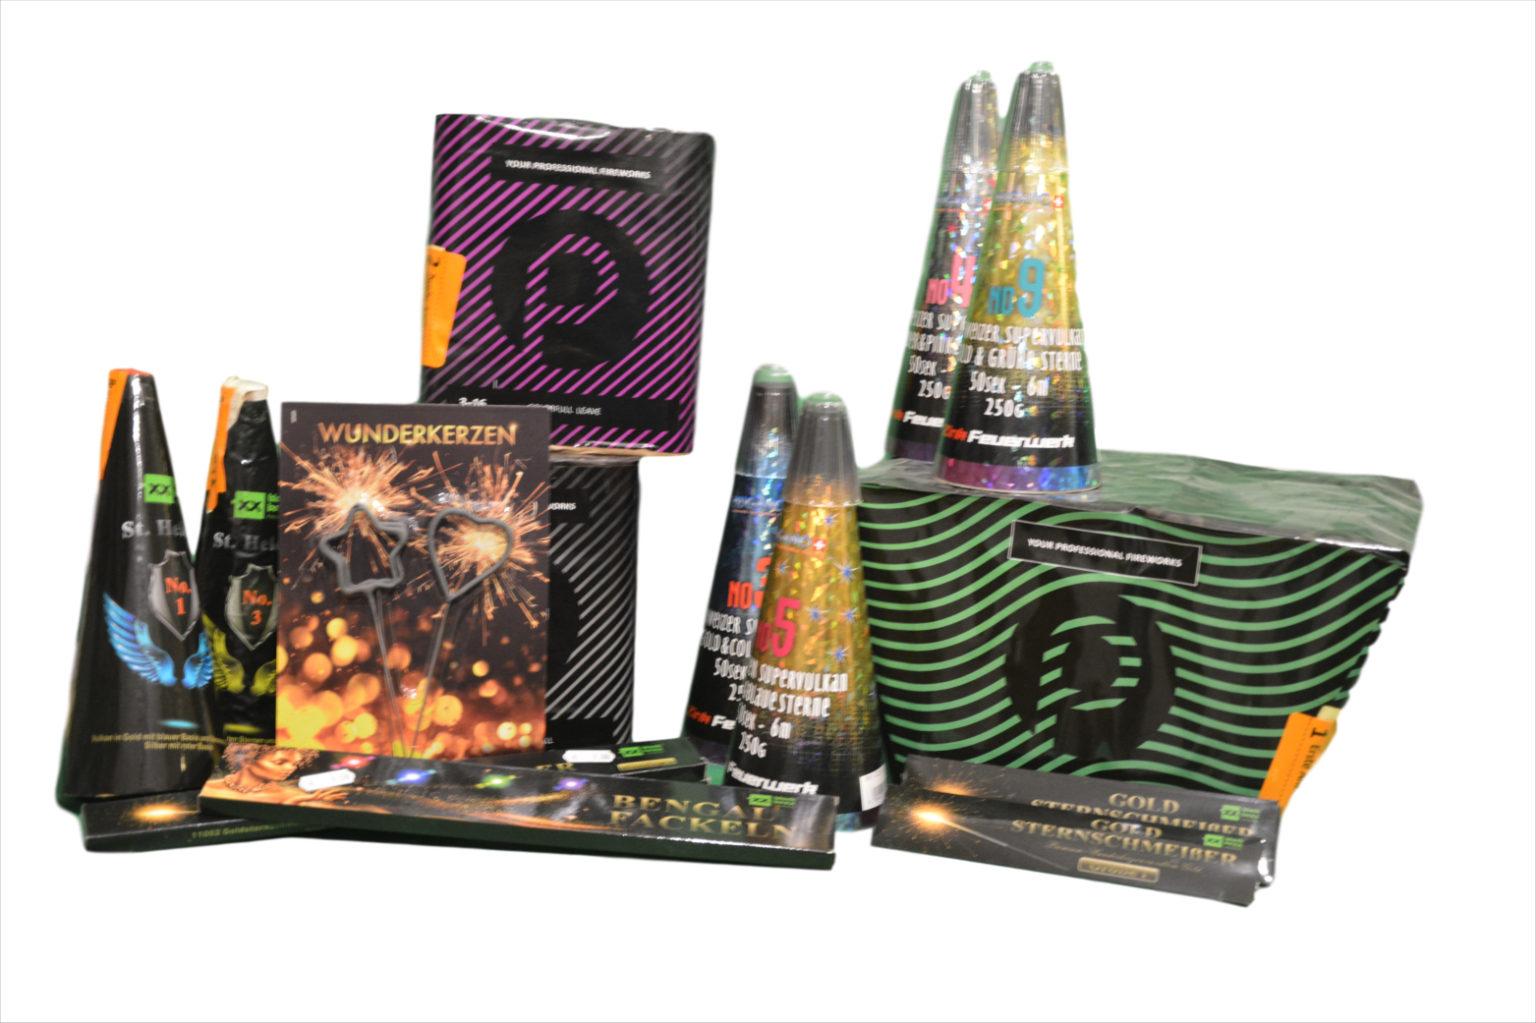 Pyrographics Feuerwerk - es muss nicht immer laut sein - auch stilles Feuerwerk ist schön